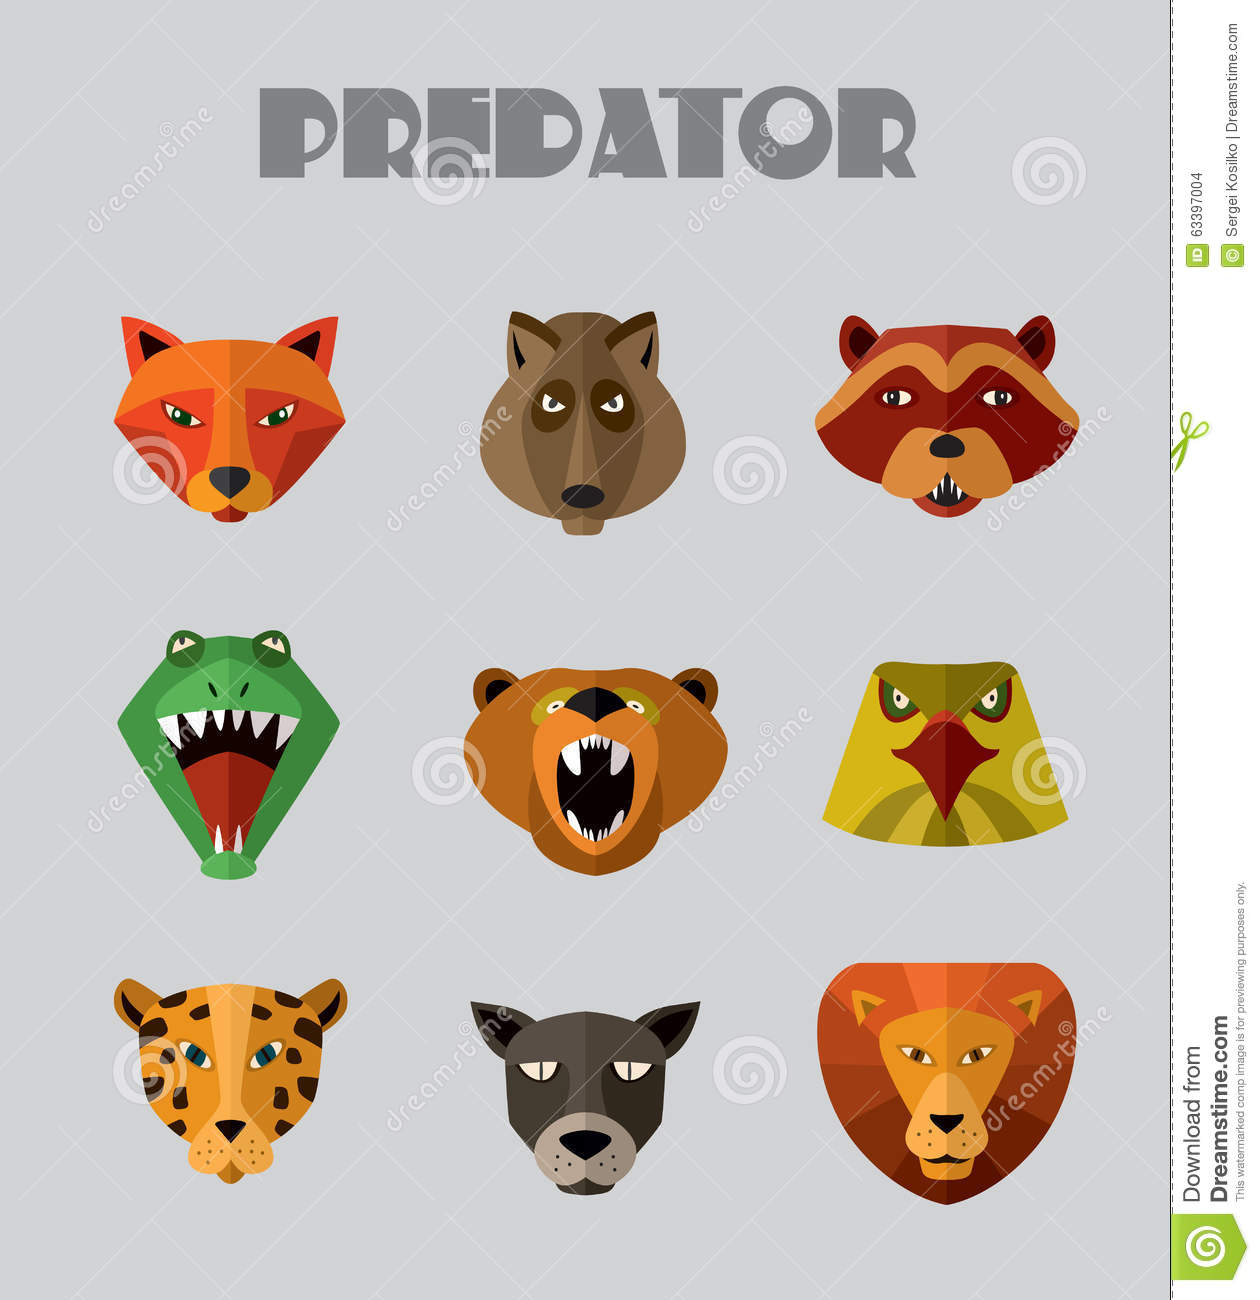 Predator (Animal) clipart #13, Download drawings